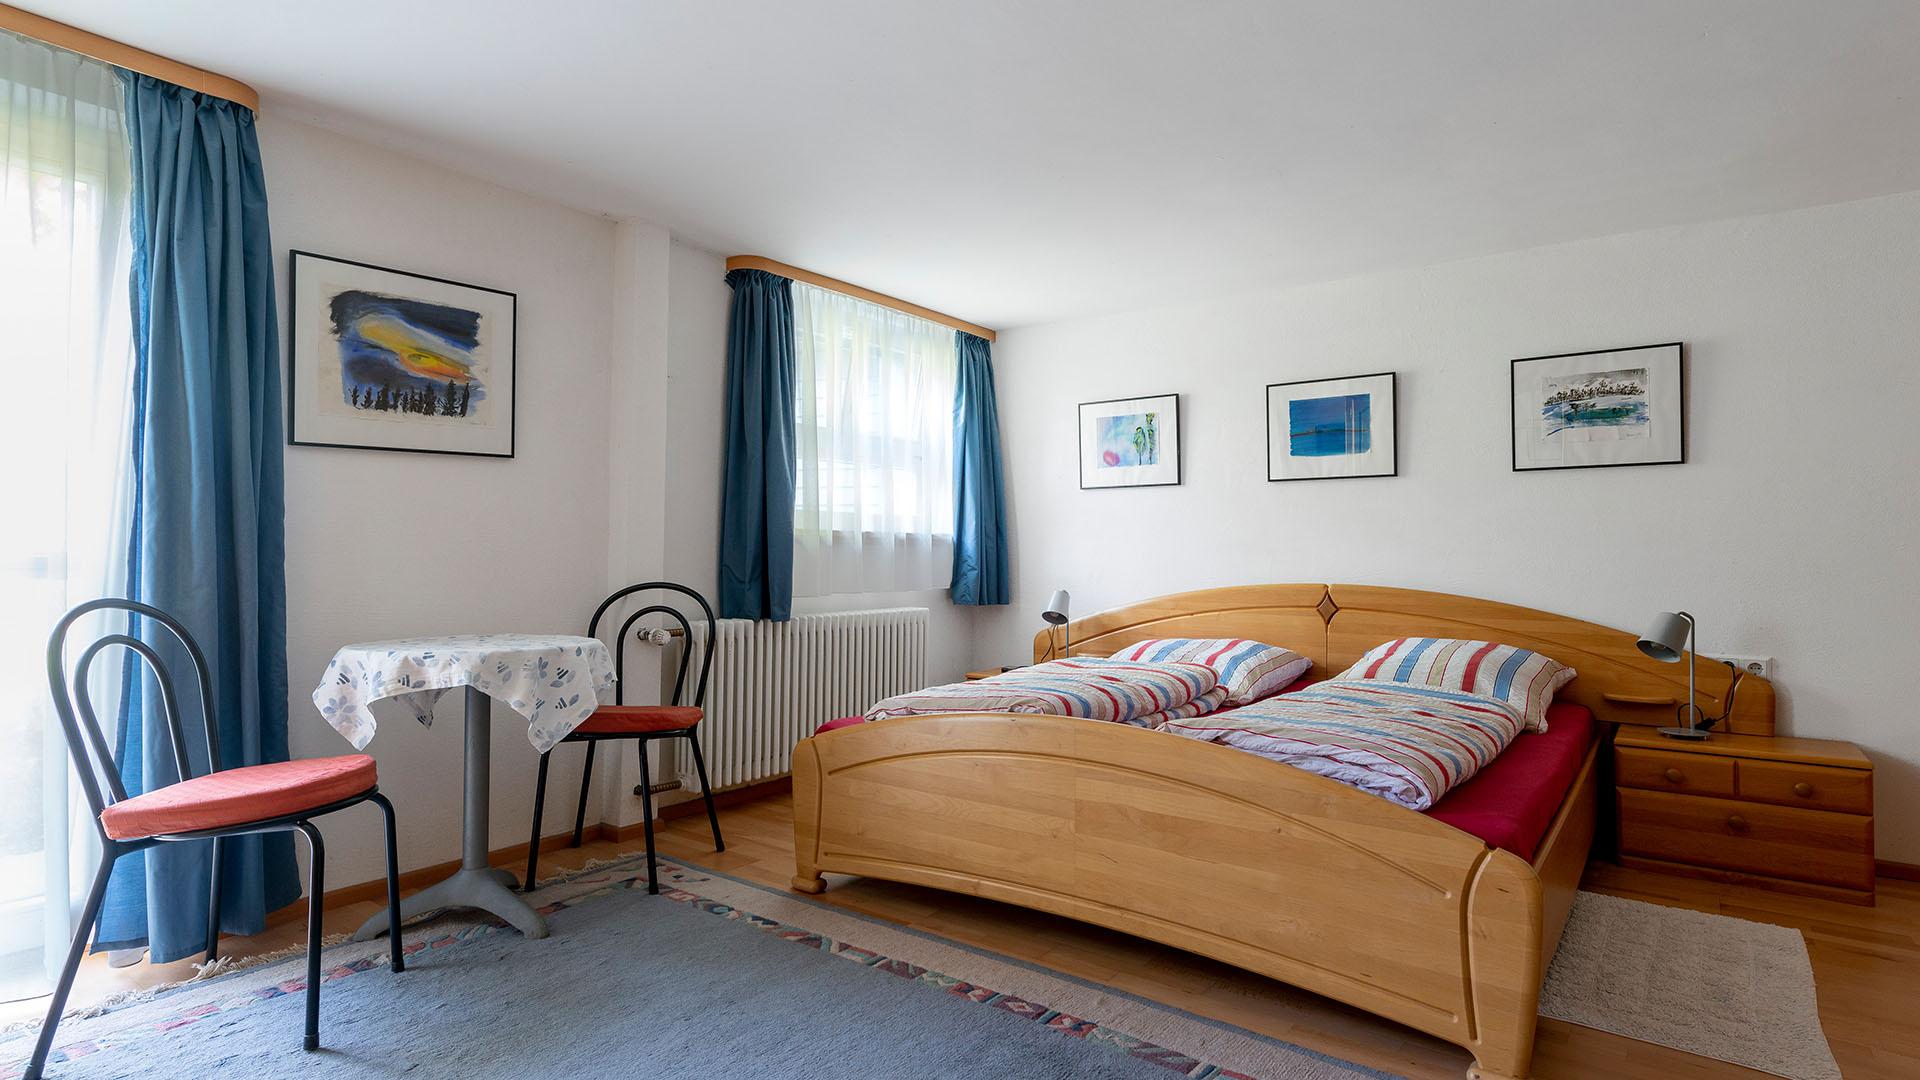 Ferienhaus am Schönwasen - Schlafzimmer Untergeschoss